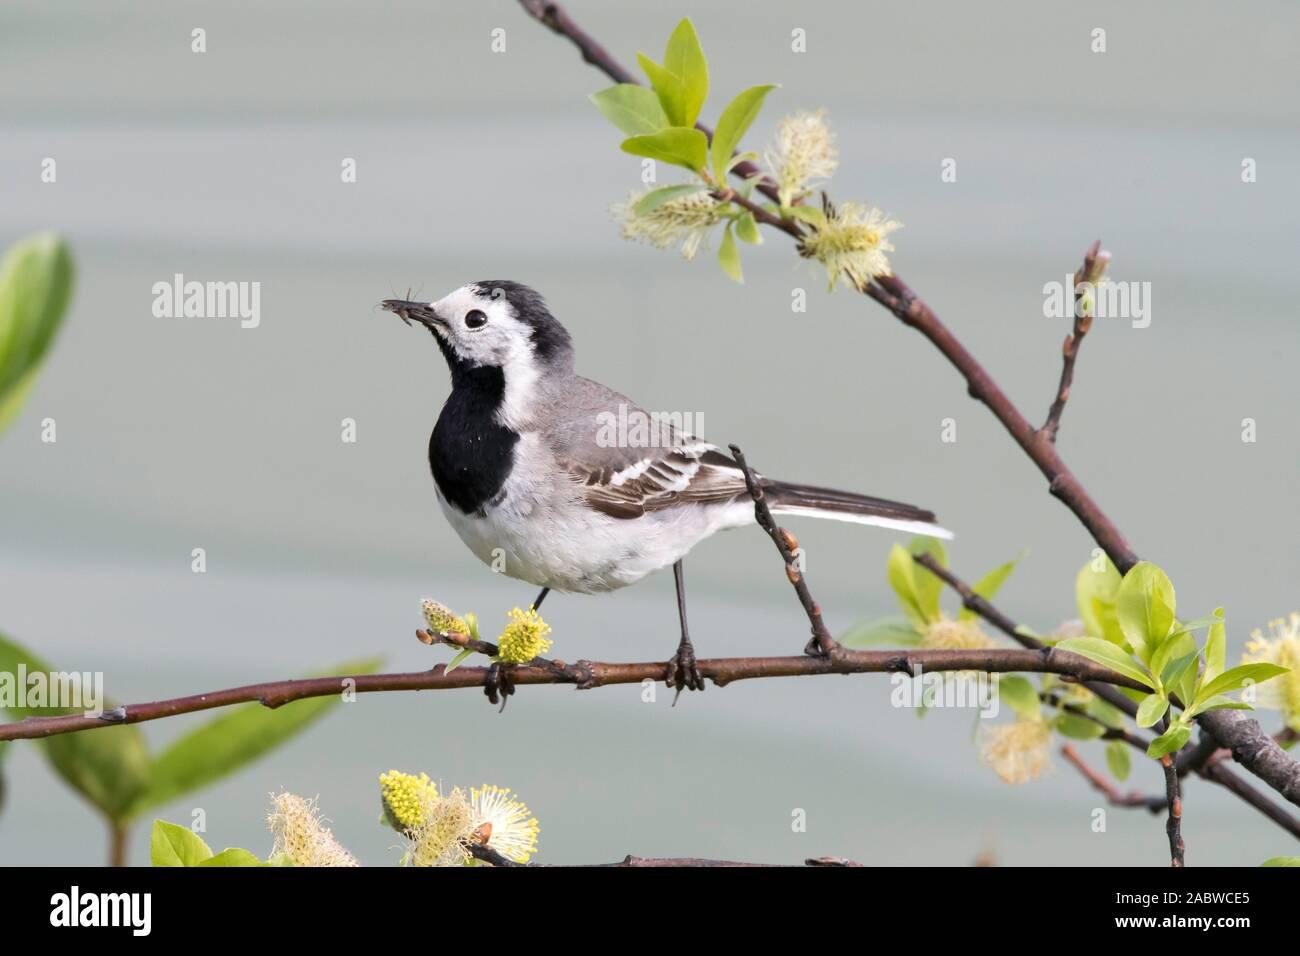 Bachstelze mit Futter, (Motacilla alba), Stock Photo